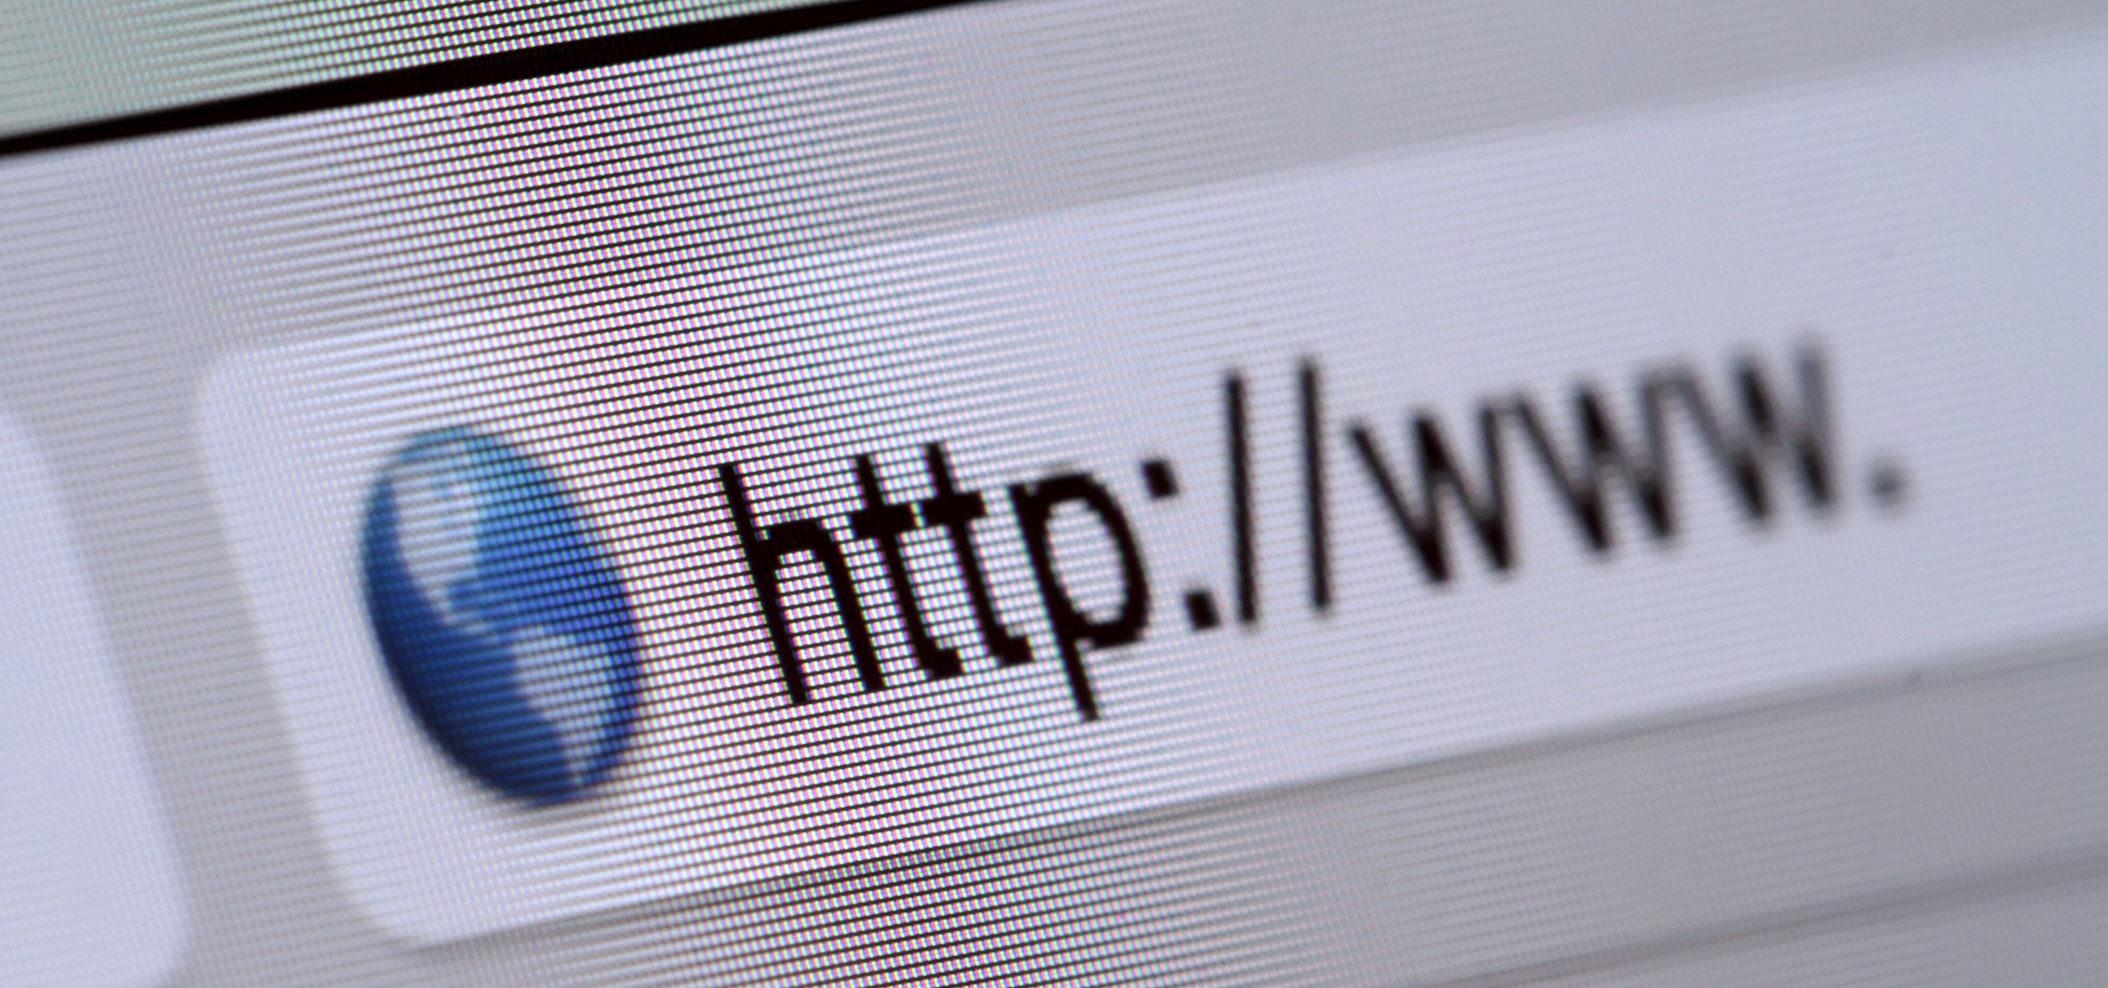 Como bloquear sites: impeça o acesso a páginas indesejadas